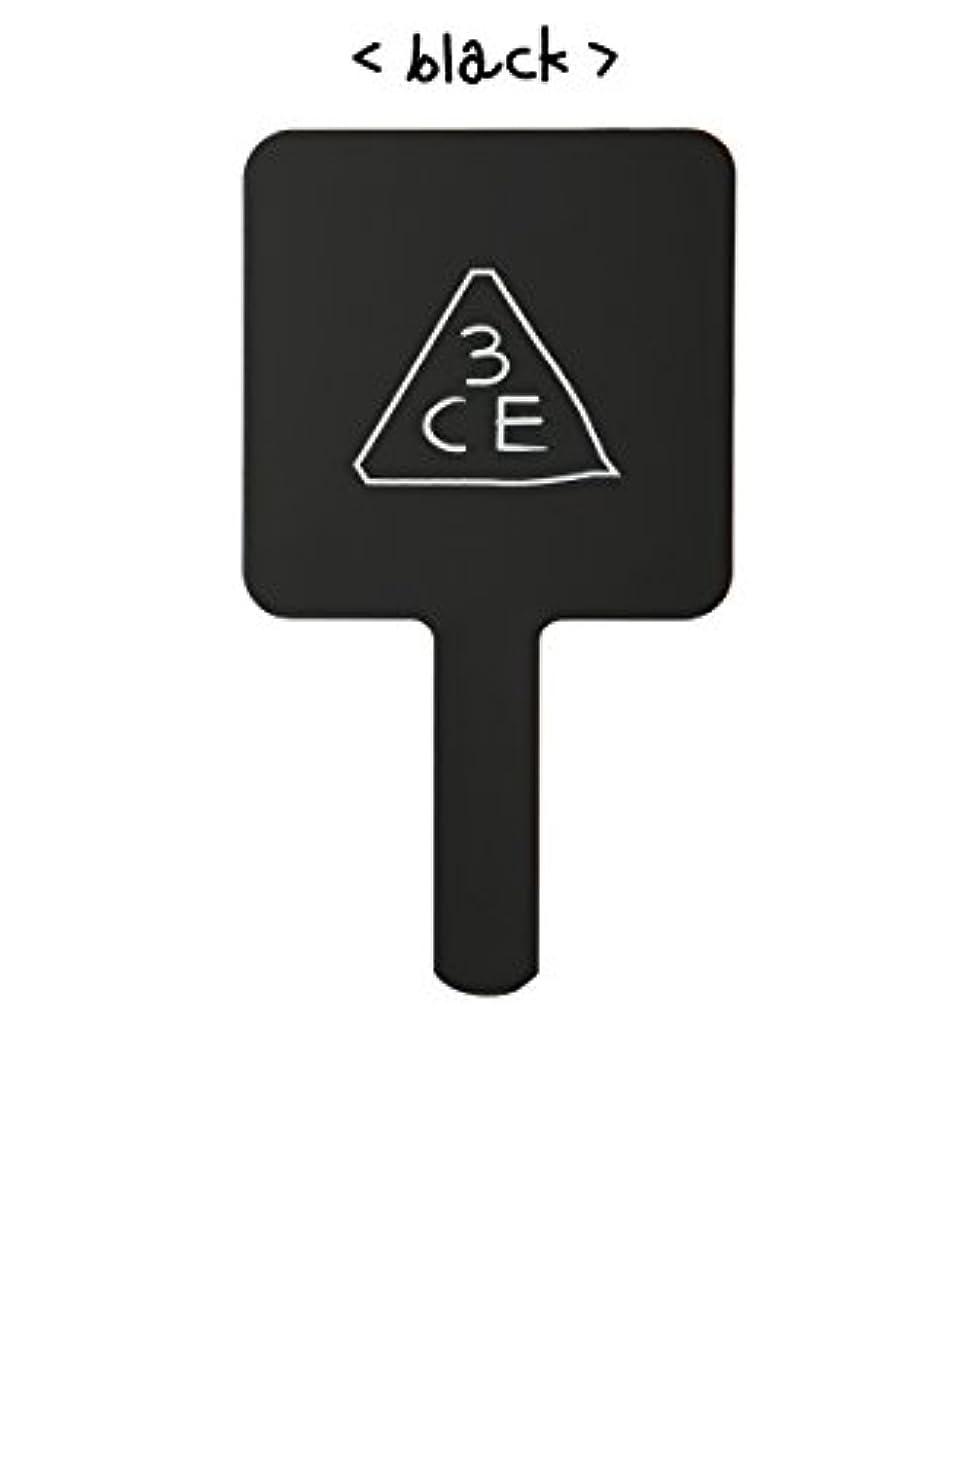 侵入本会議エコースリーコンセプトアイズ 3CE ミニ ハンド ミラー #BLACK